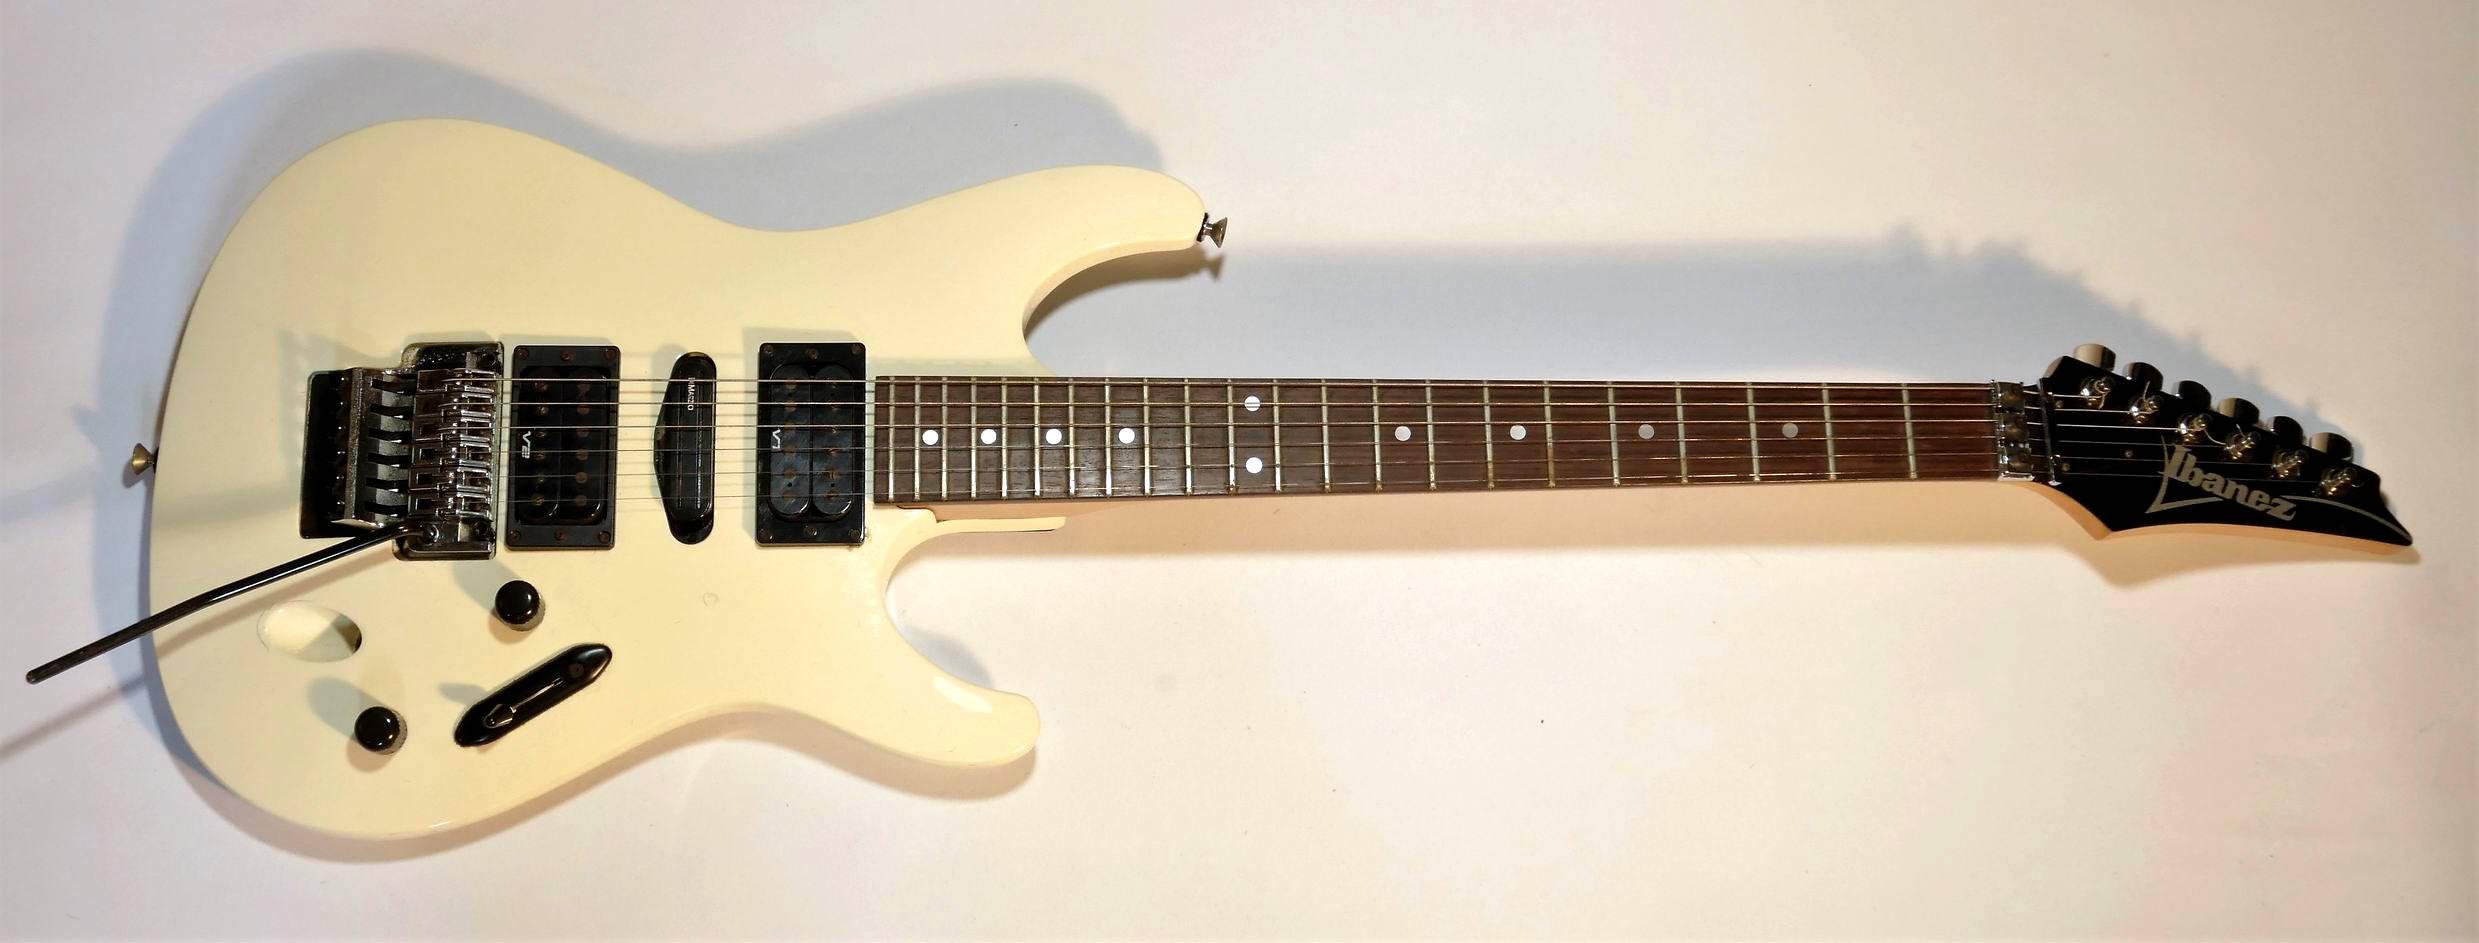 E-Gitarre IBANEZ Roadstar Pro 450S